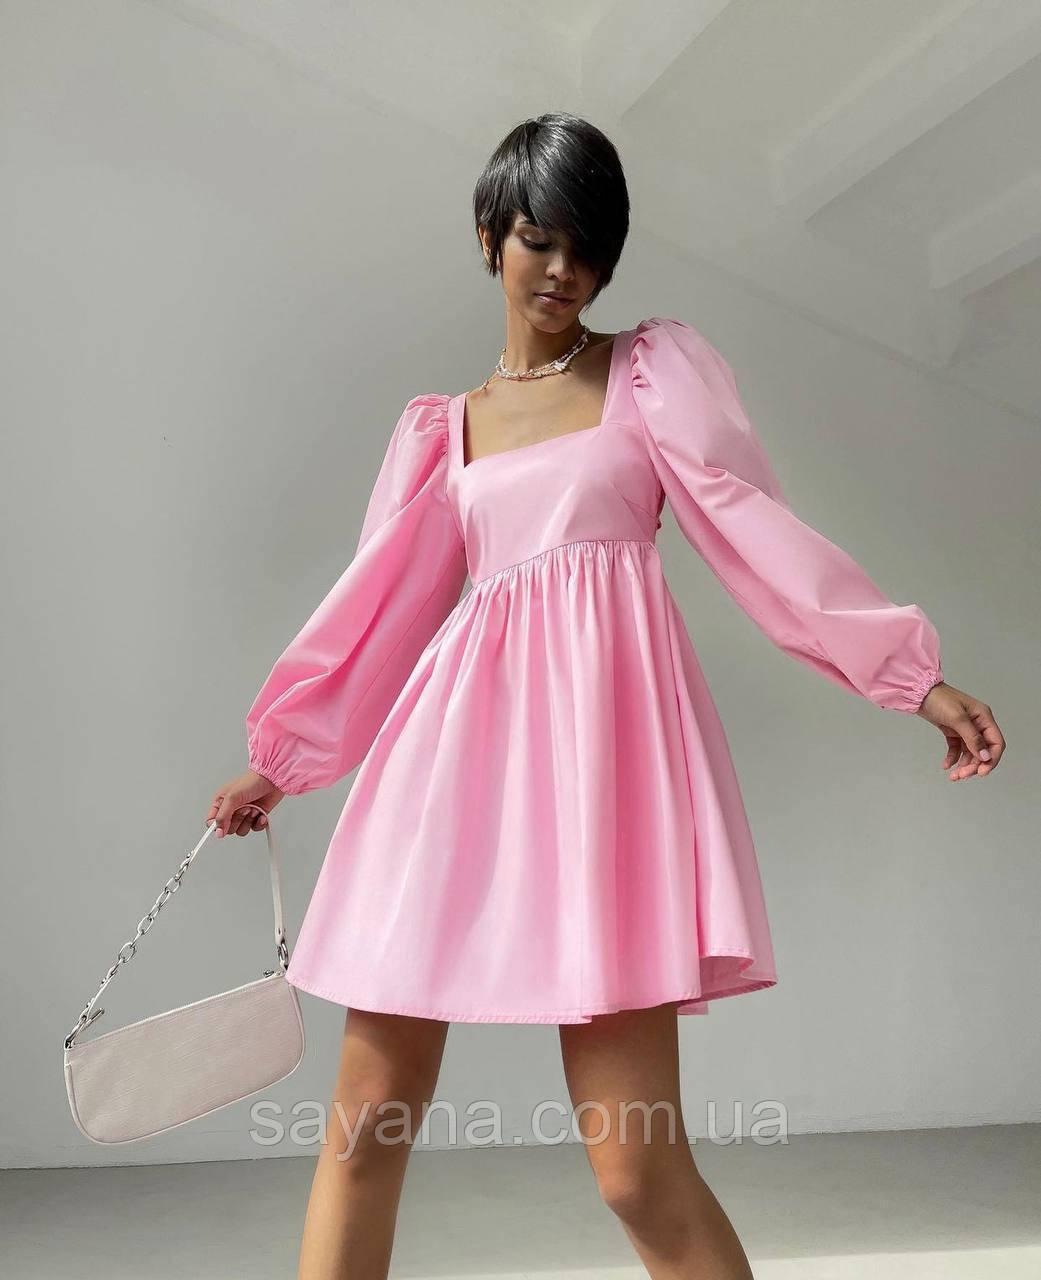 Жіноче літнє плаття з квадратним вирізом, відкритою спиною і розкльошеною спідницею, в кольорах. МР-4-0521